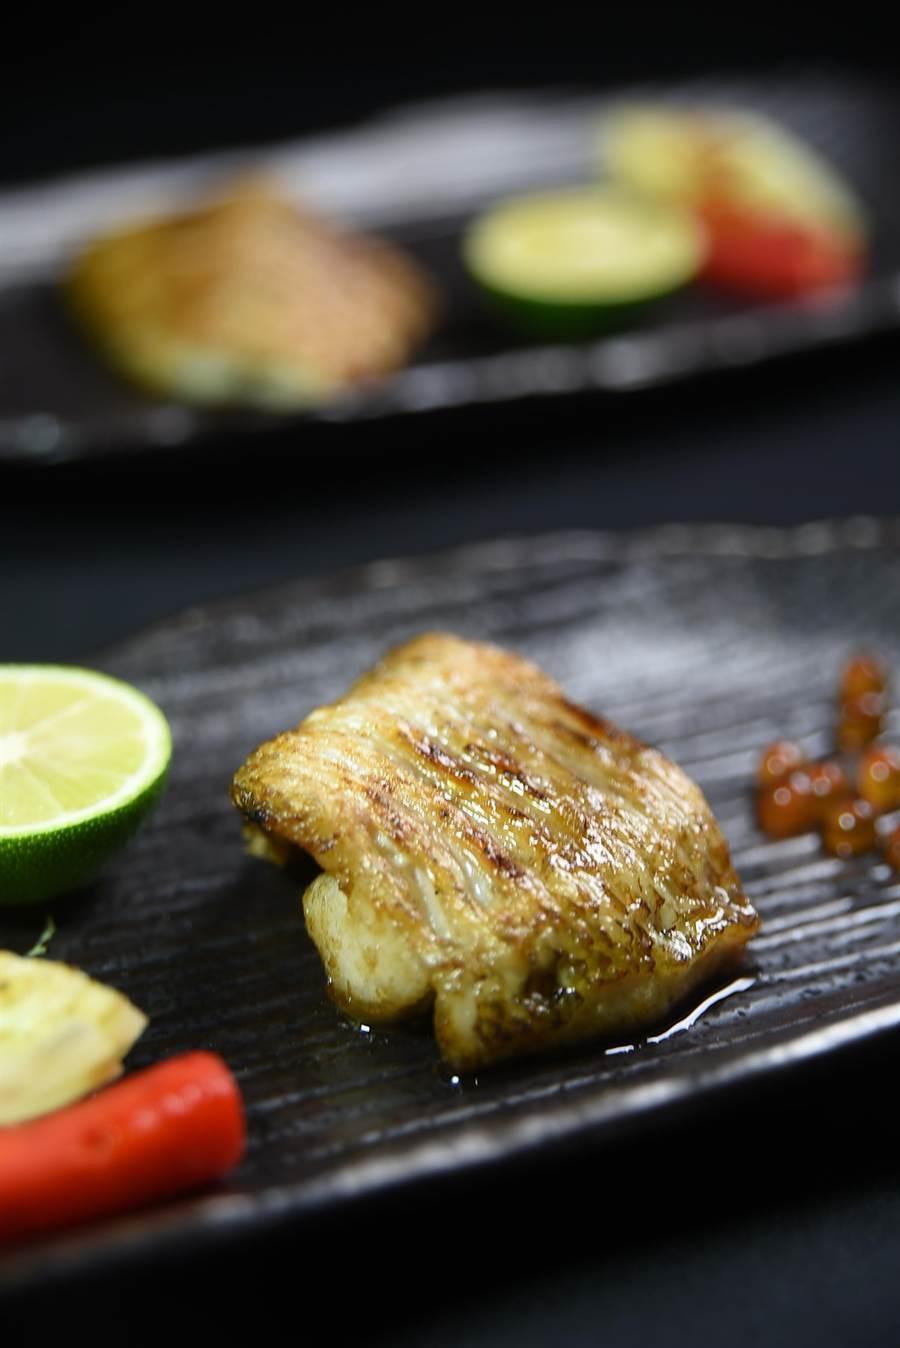 明火炭烤的日本紅喉魚腹肉,油脂豐厚、入口欲化。(圖/姚舜攝)